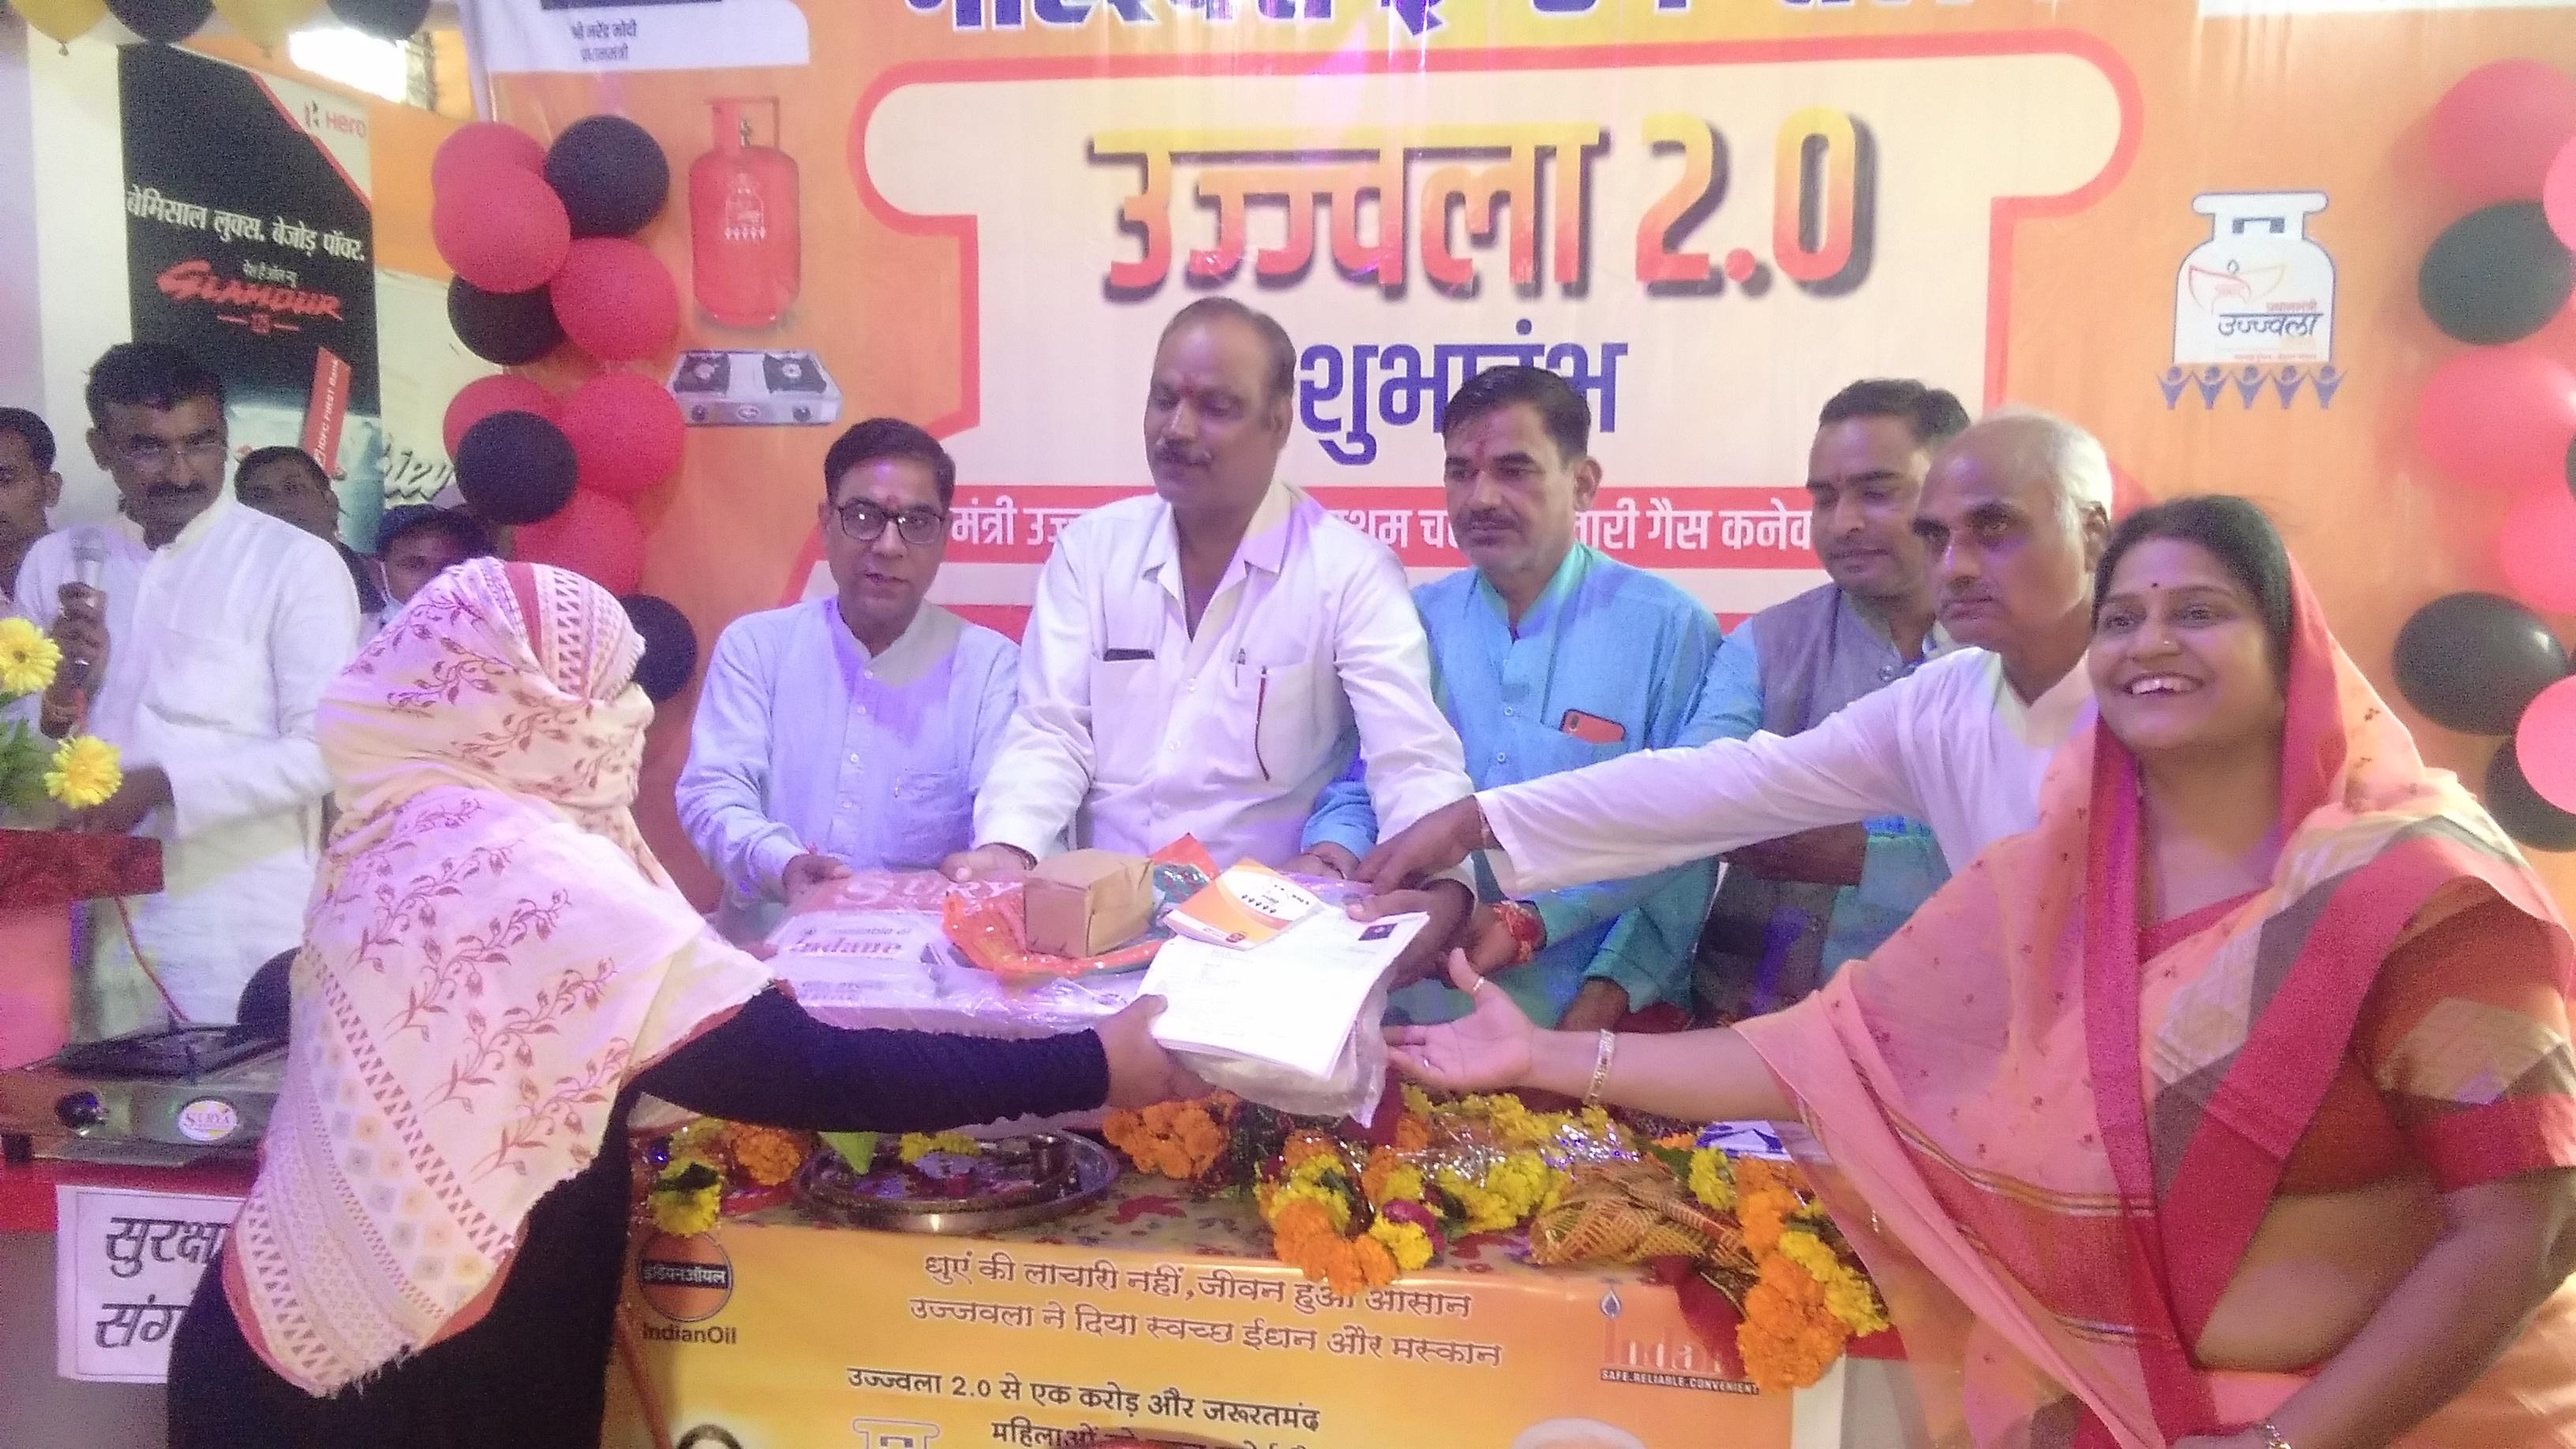 हिंदी समाचार |उज्जवला योजना के अंतर्गत...